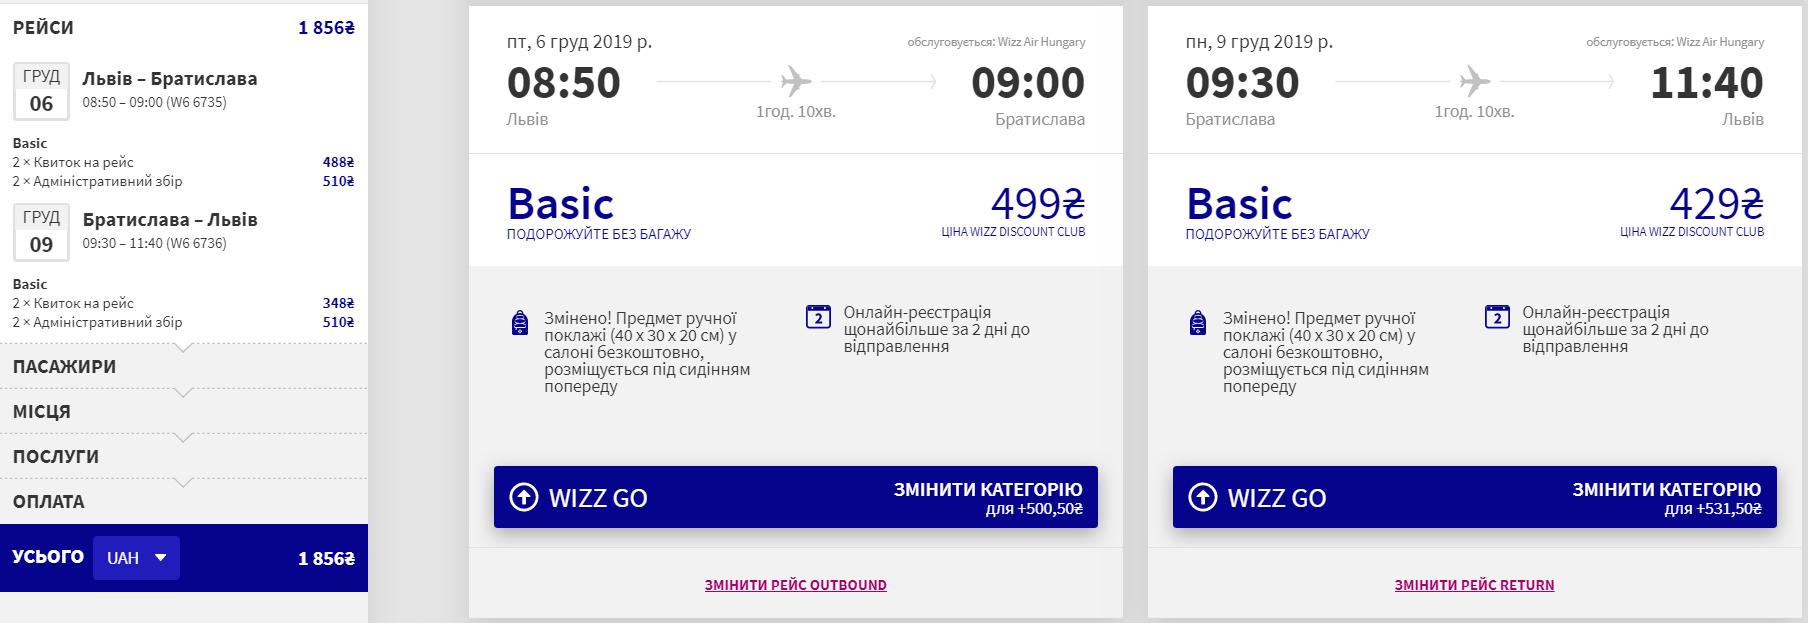 Львів – Братислава –Львів >>